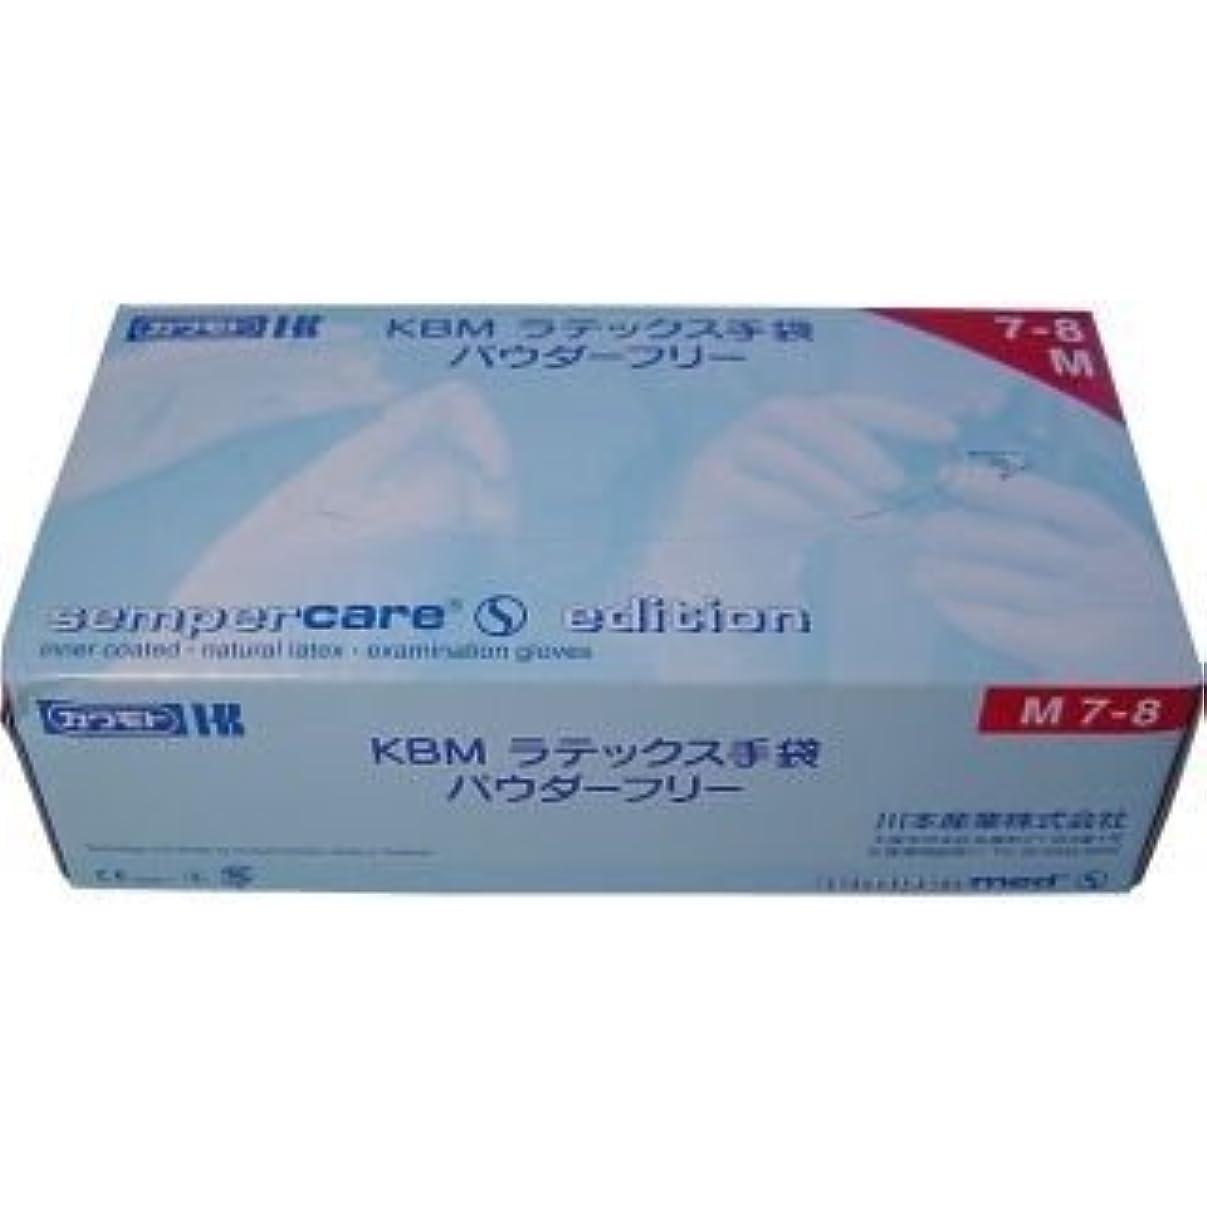 あさり小切手実質的にKBMラテックス手袋 パウダーフリー Mサイズ 100枚入【2個セット】